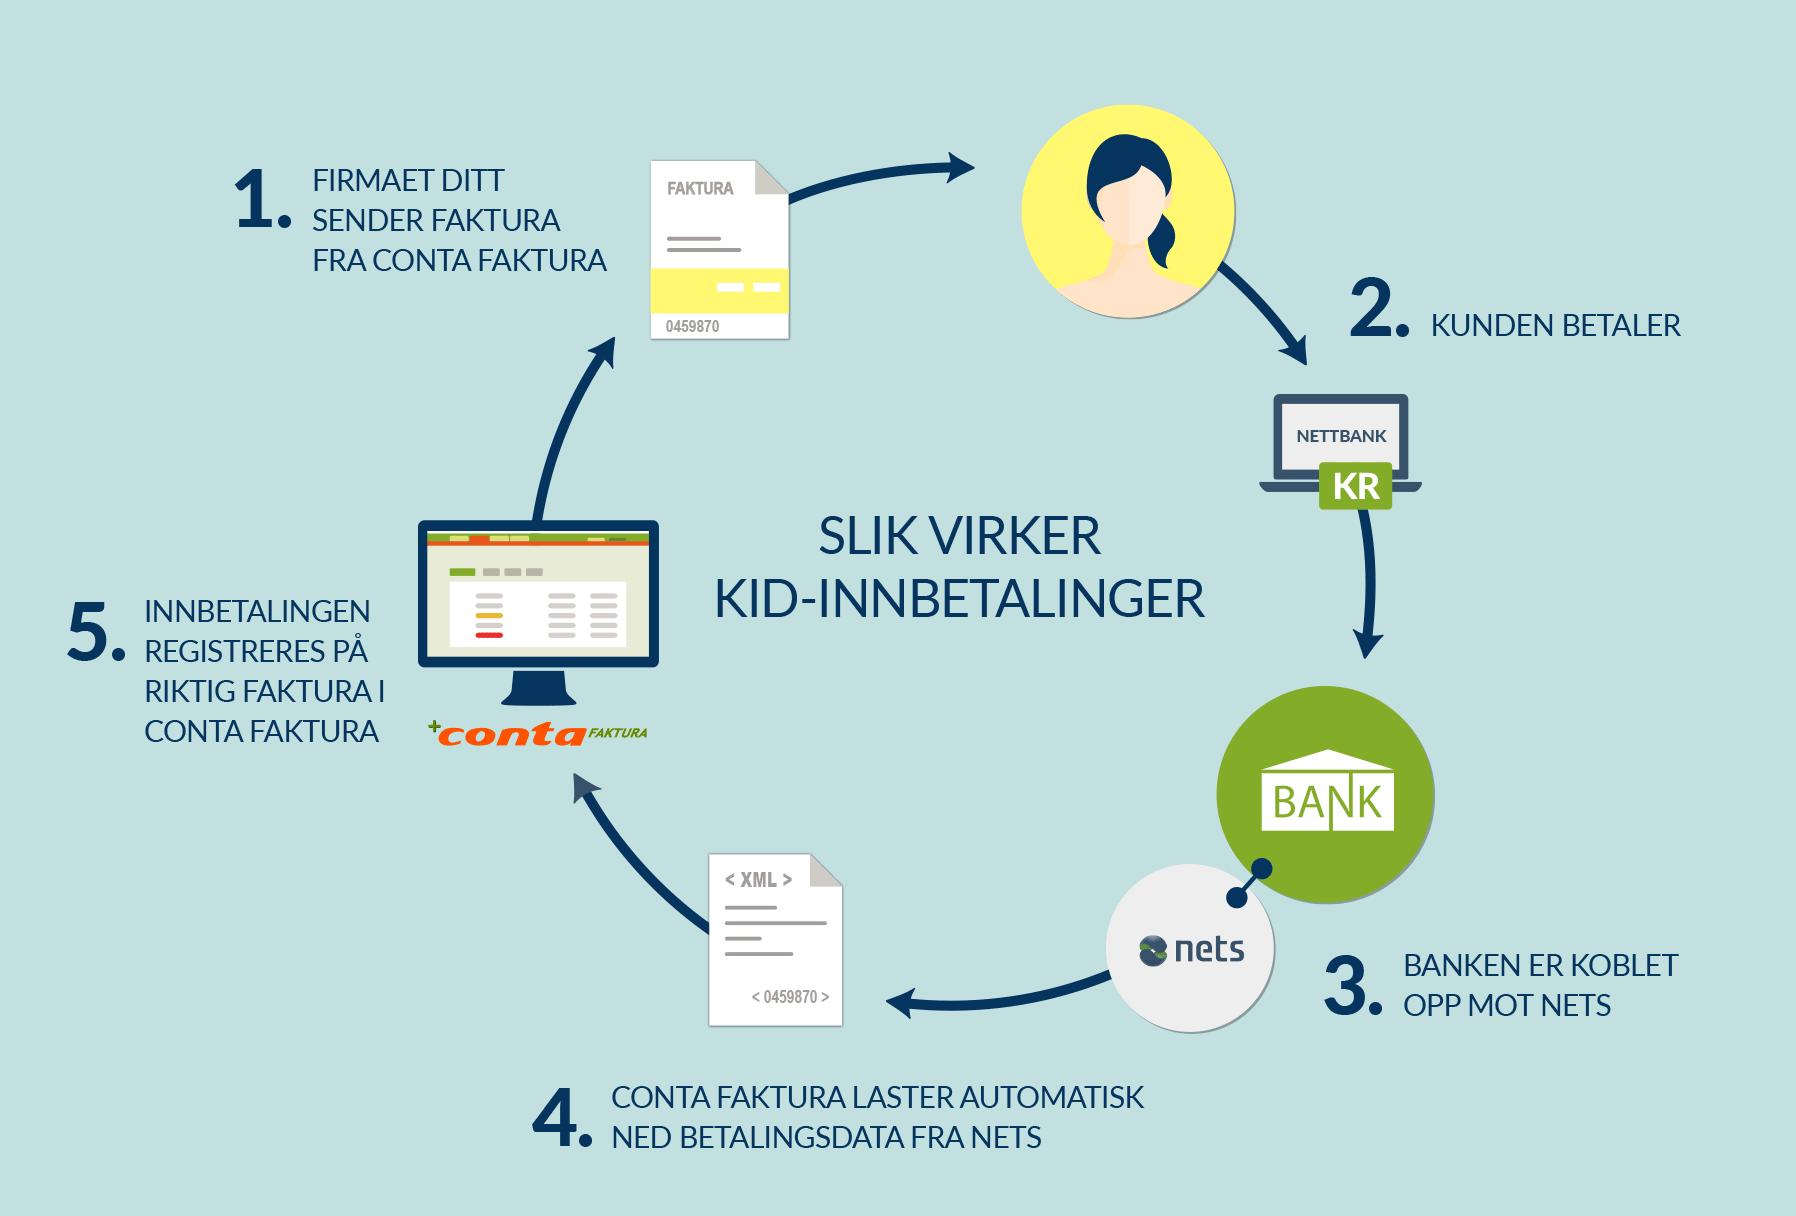 Illustrasjon: Slik virker KID-innbetalinger